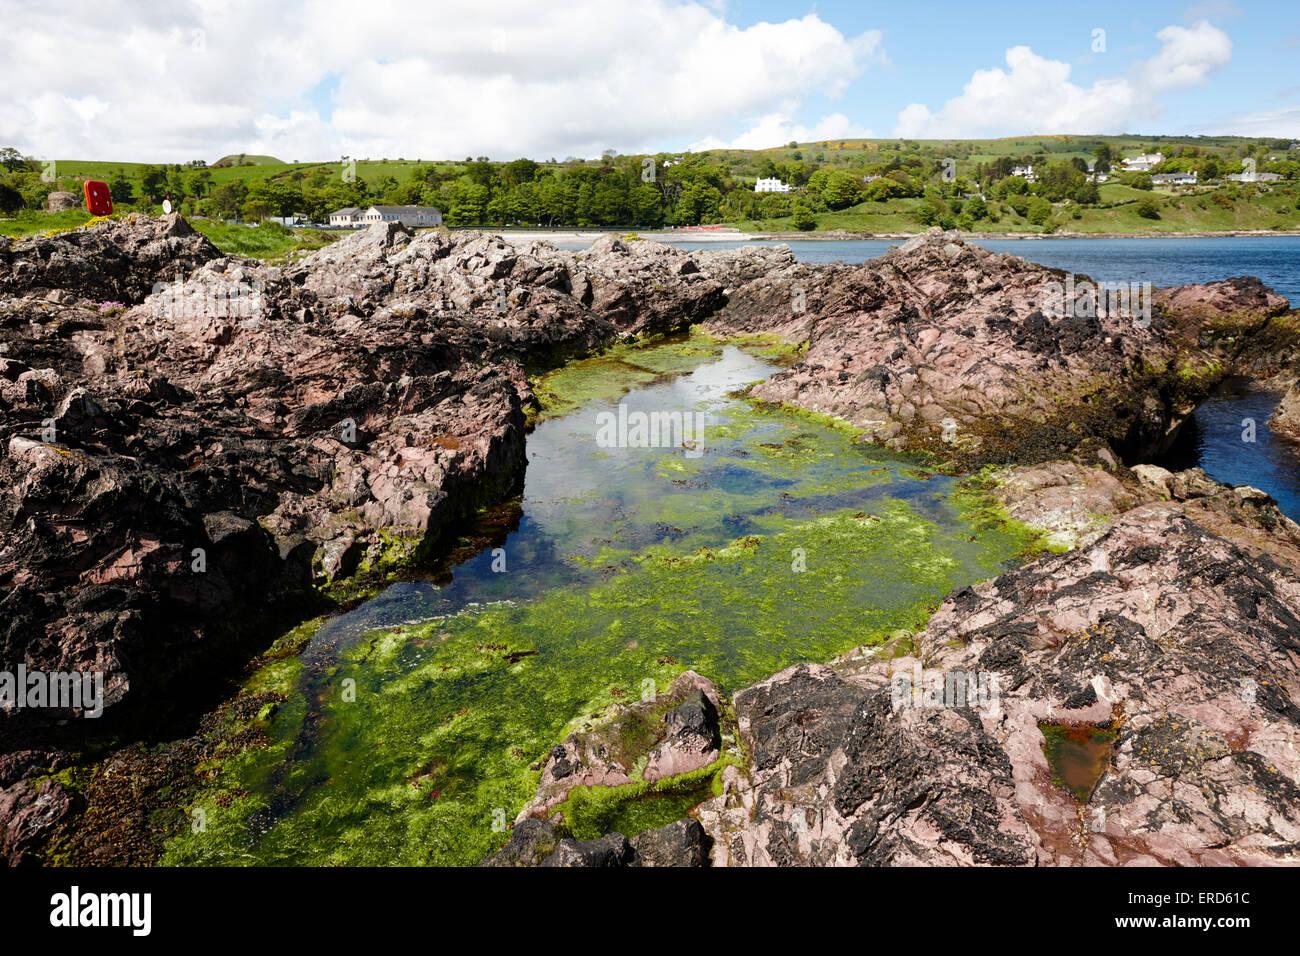 Grande piscine dans la roche dacite rose des pierres à Limerick Cushendall point le comté d'Antrim Photo Stock